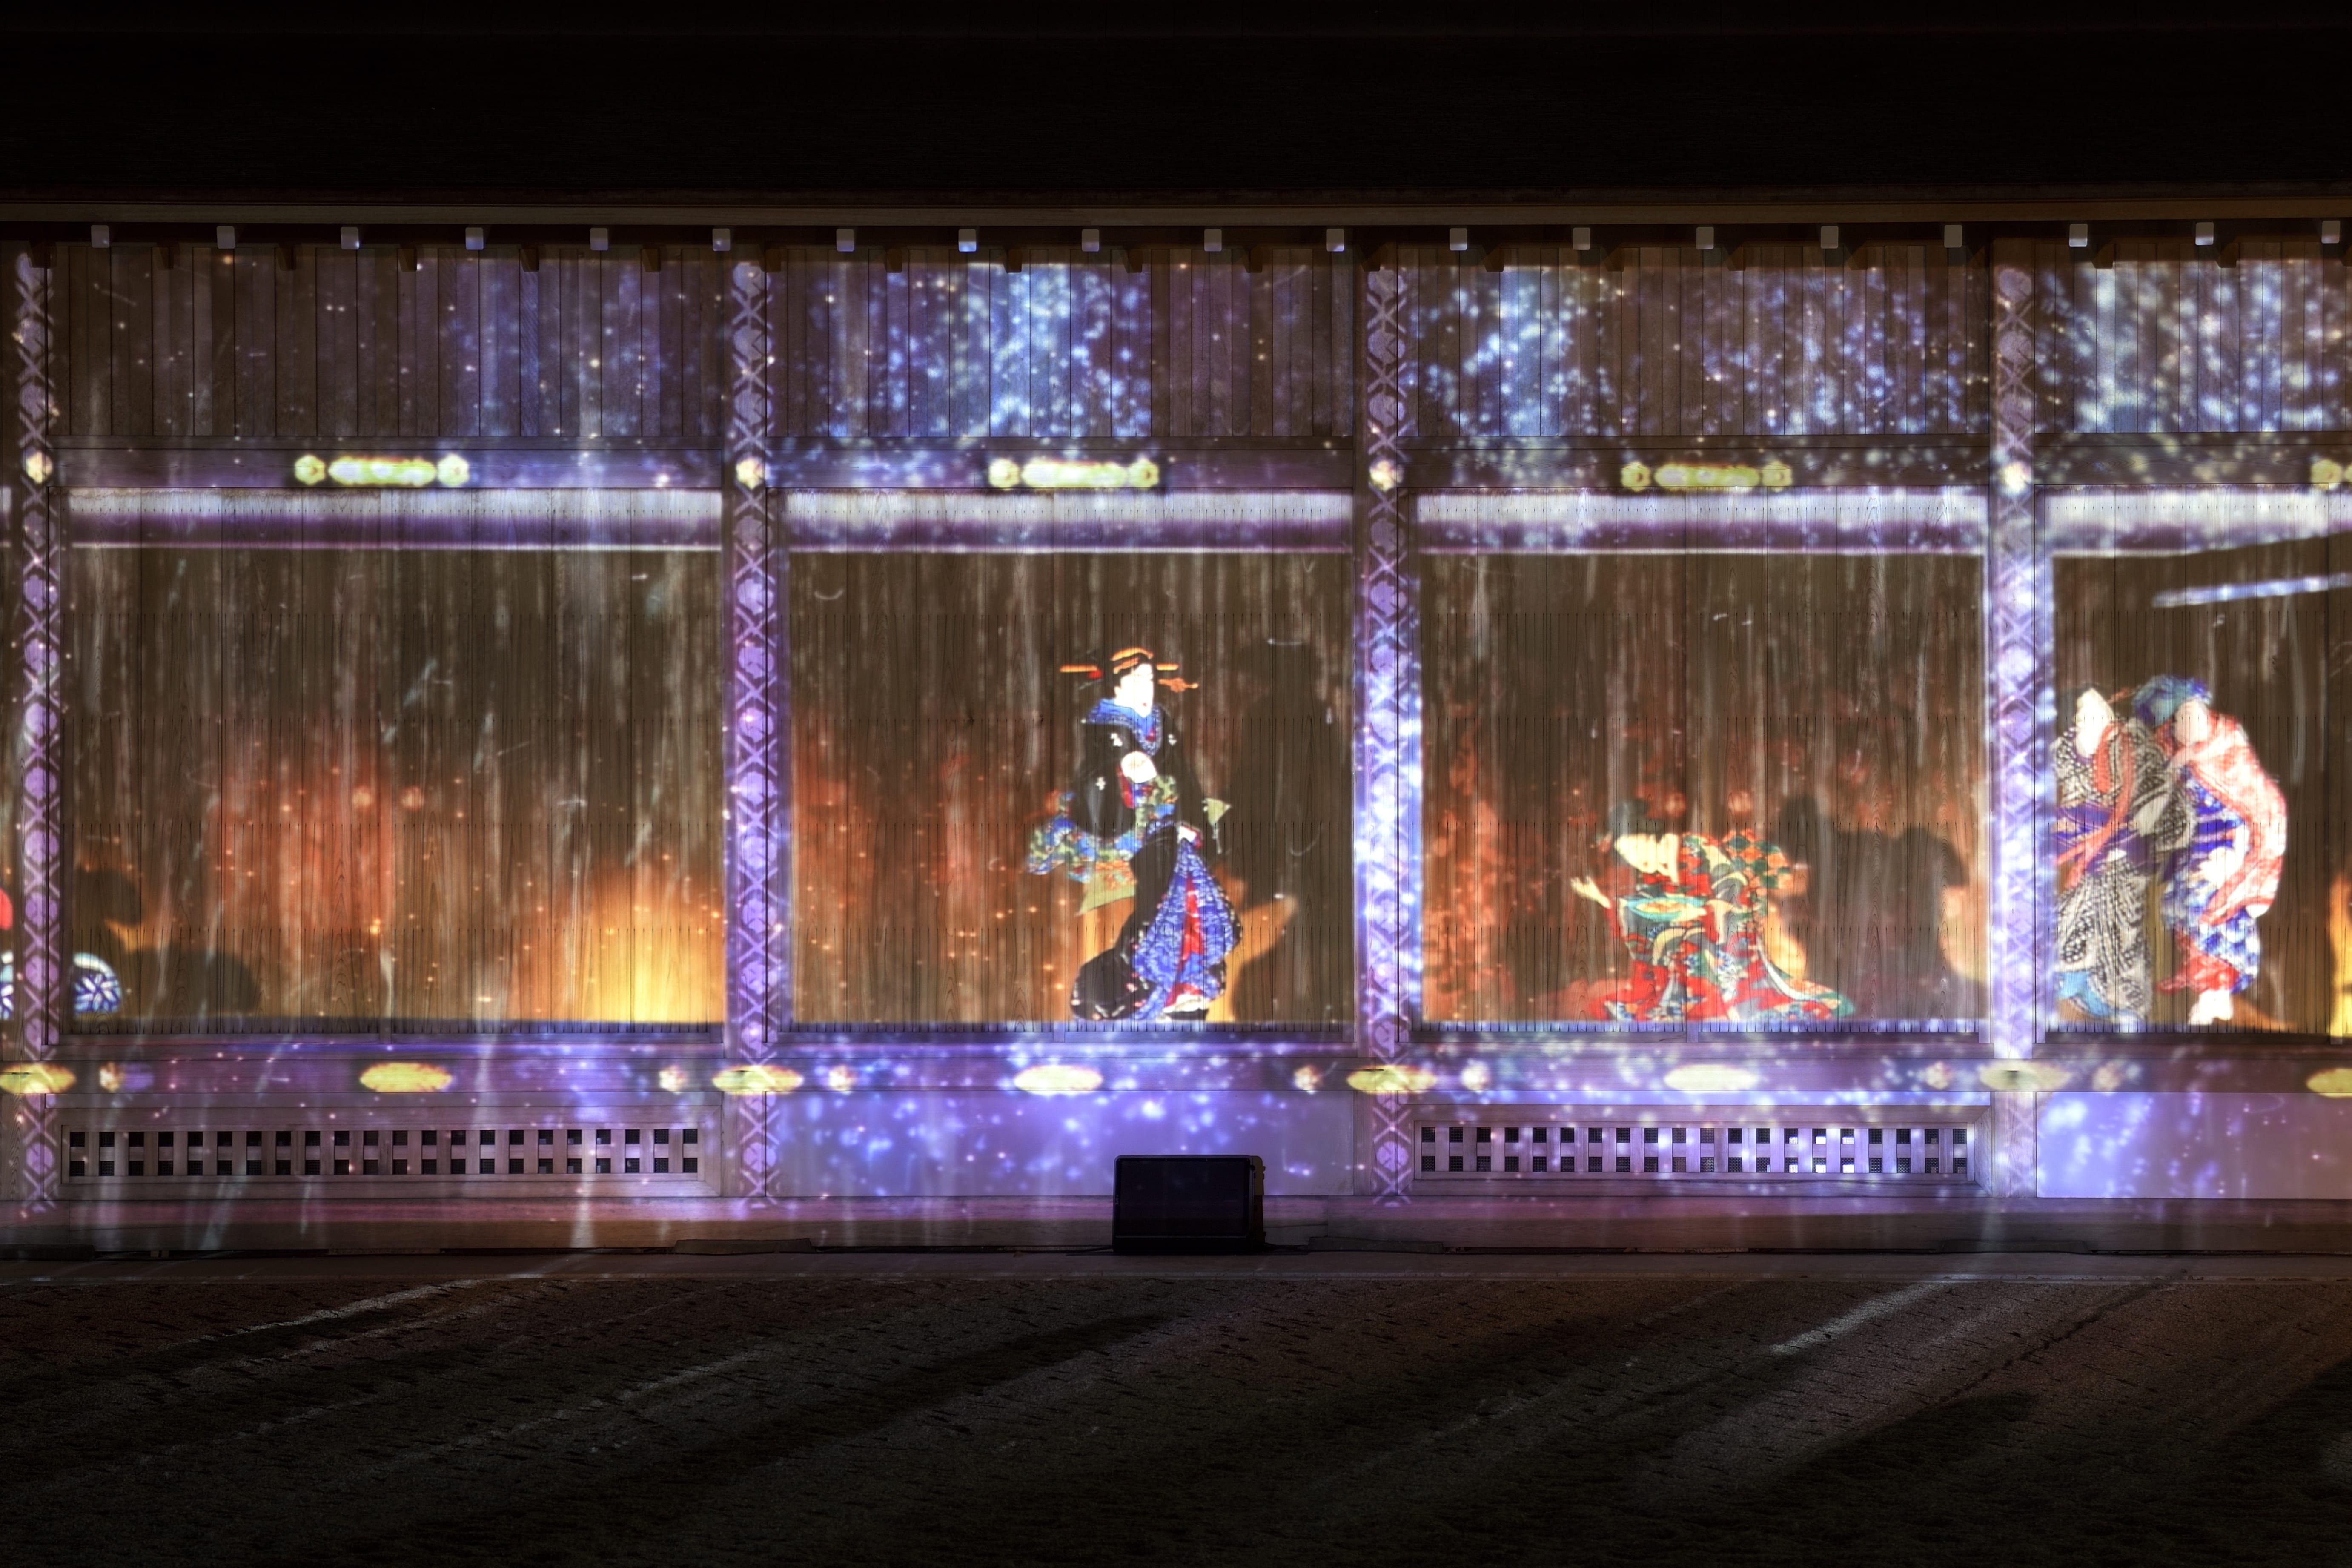 12月16日(日)まで、「名古屋城×NAKED」魅惑の夜景イベントを満喫してきた - DSC2421 min